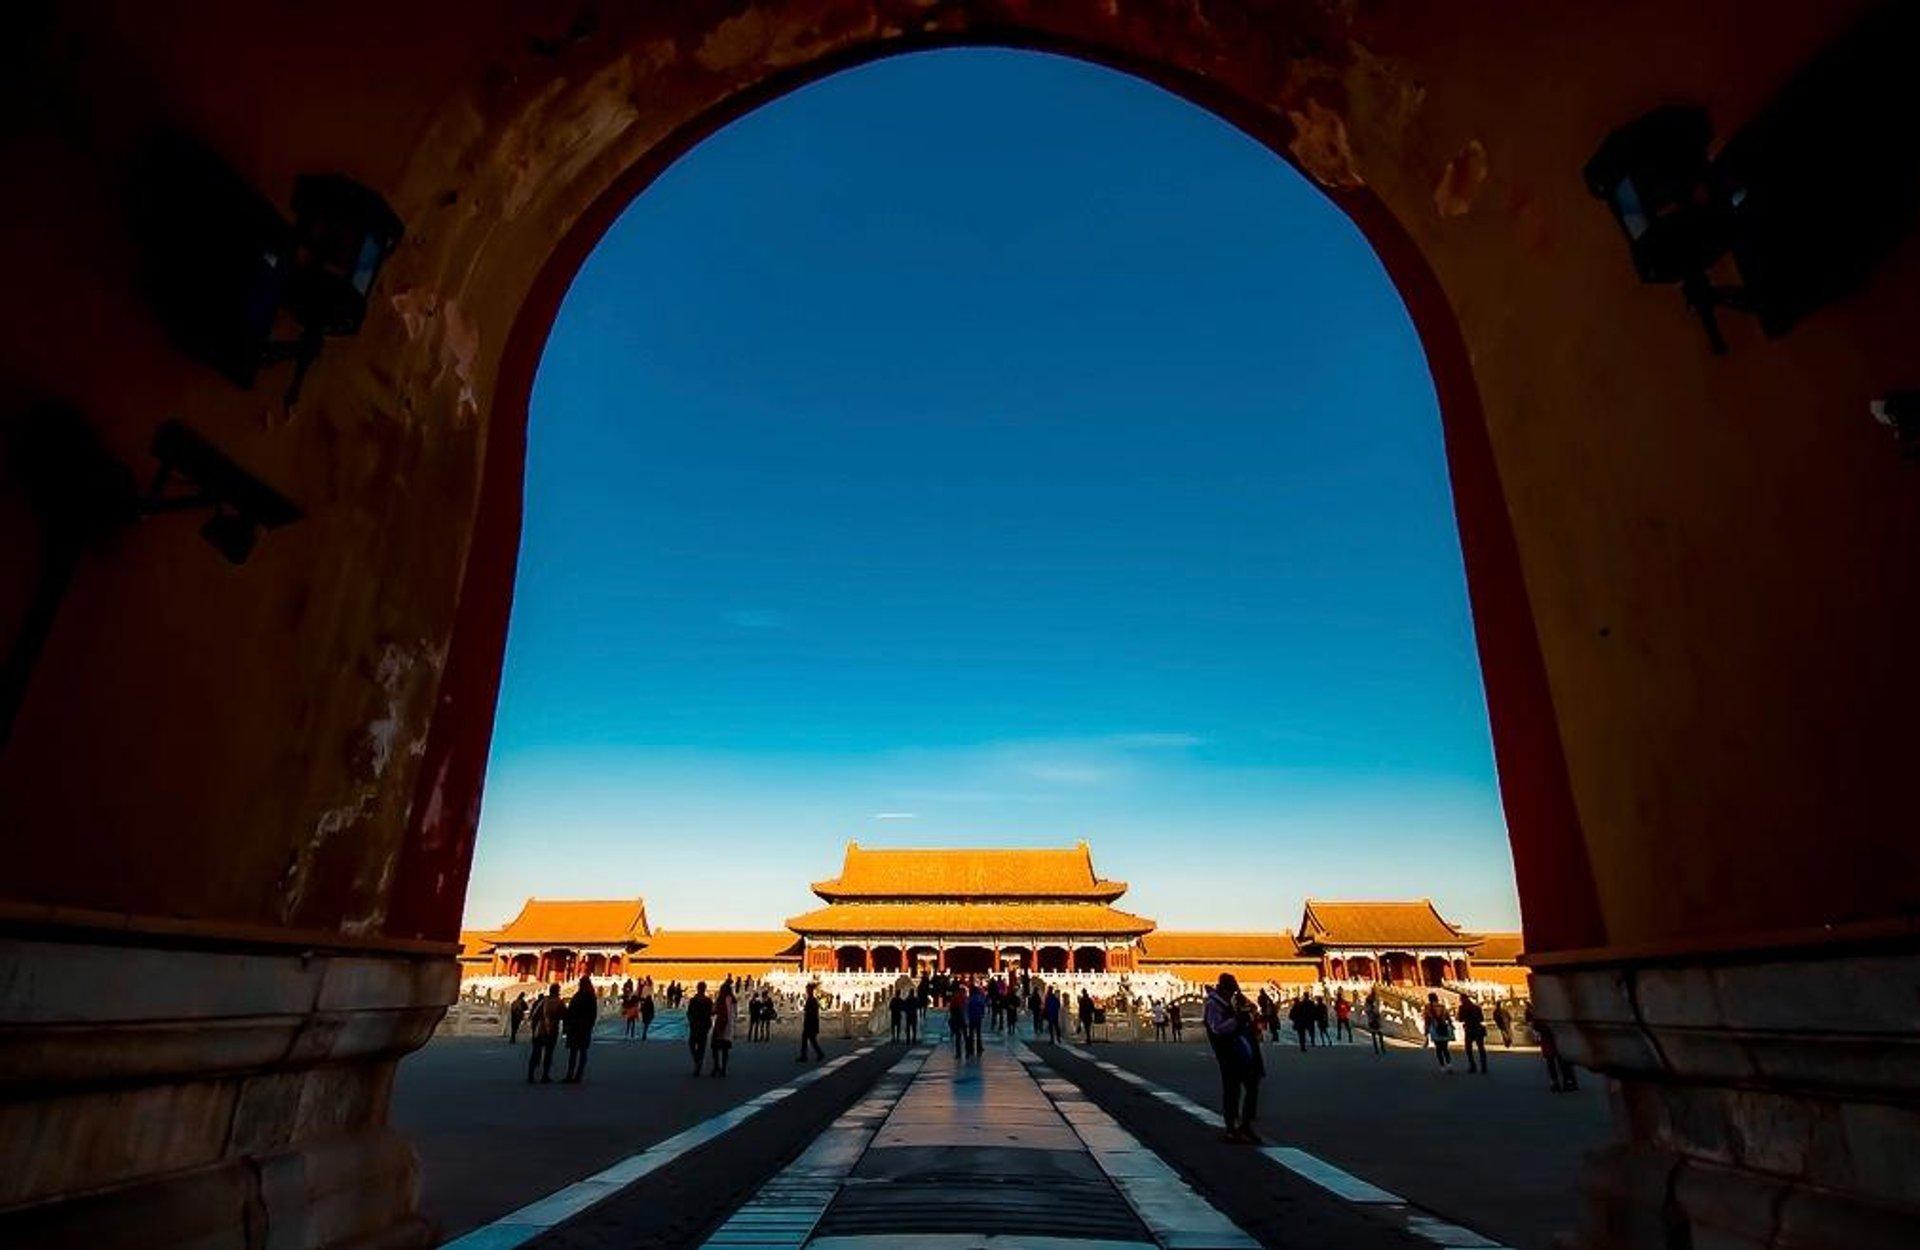 The Forbidden City in Beijing 2020 - Best Time